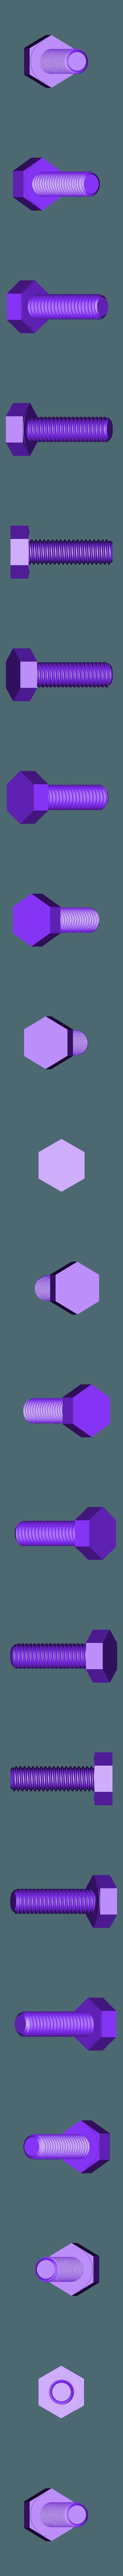 M6x1.0x20mm.STL Télécharger fichier STL gratuit Écrou et boulon métriques les plus courants - M2 à M20 • Plan pour impression 3D, TheTNR